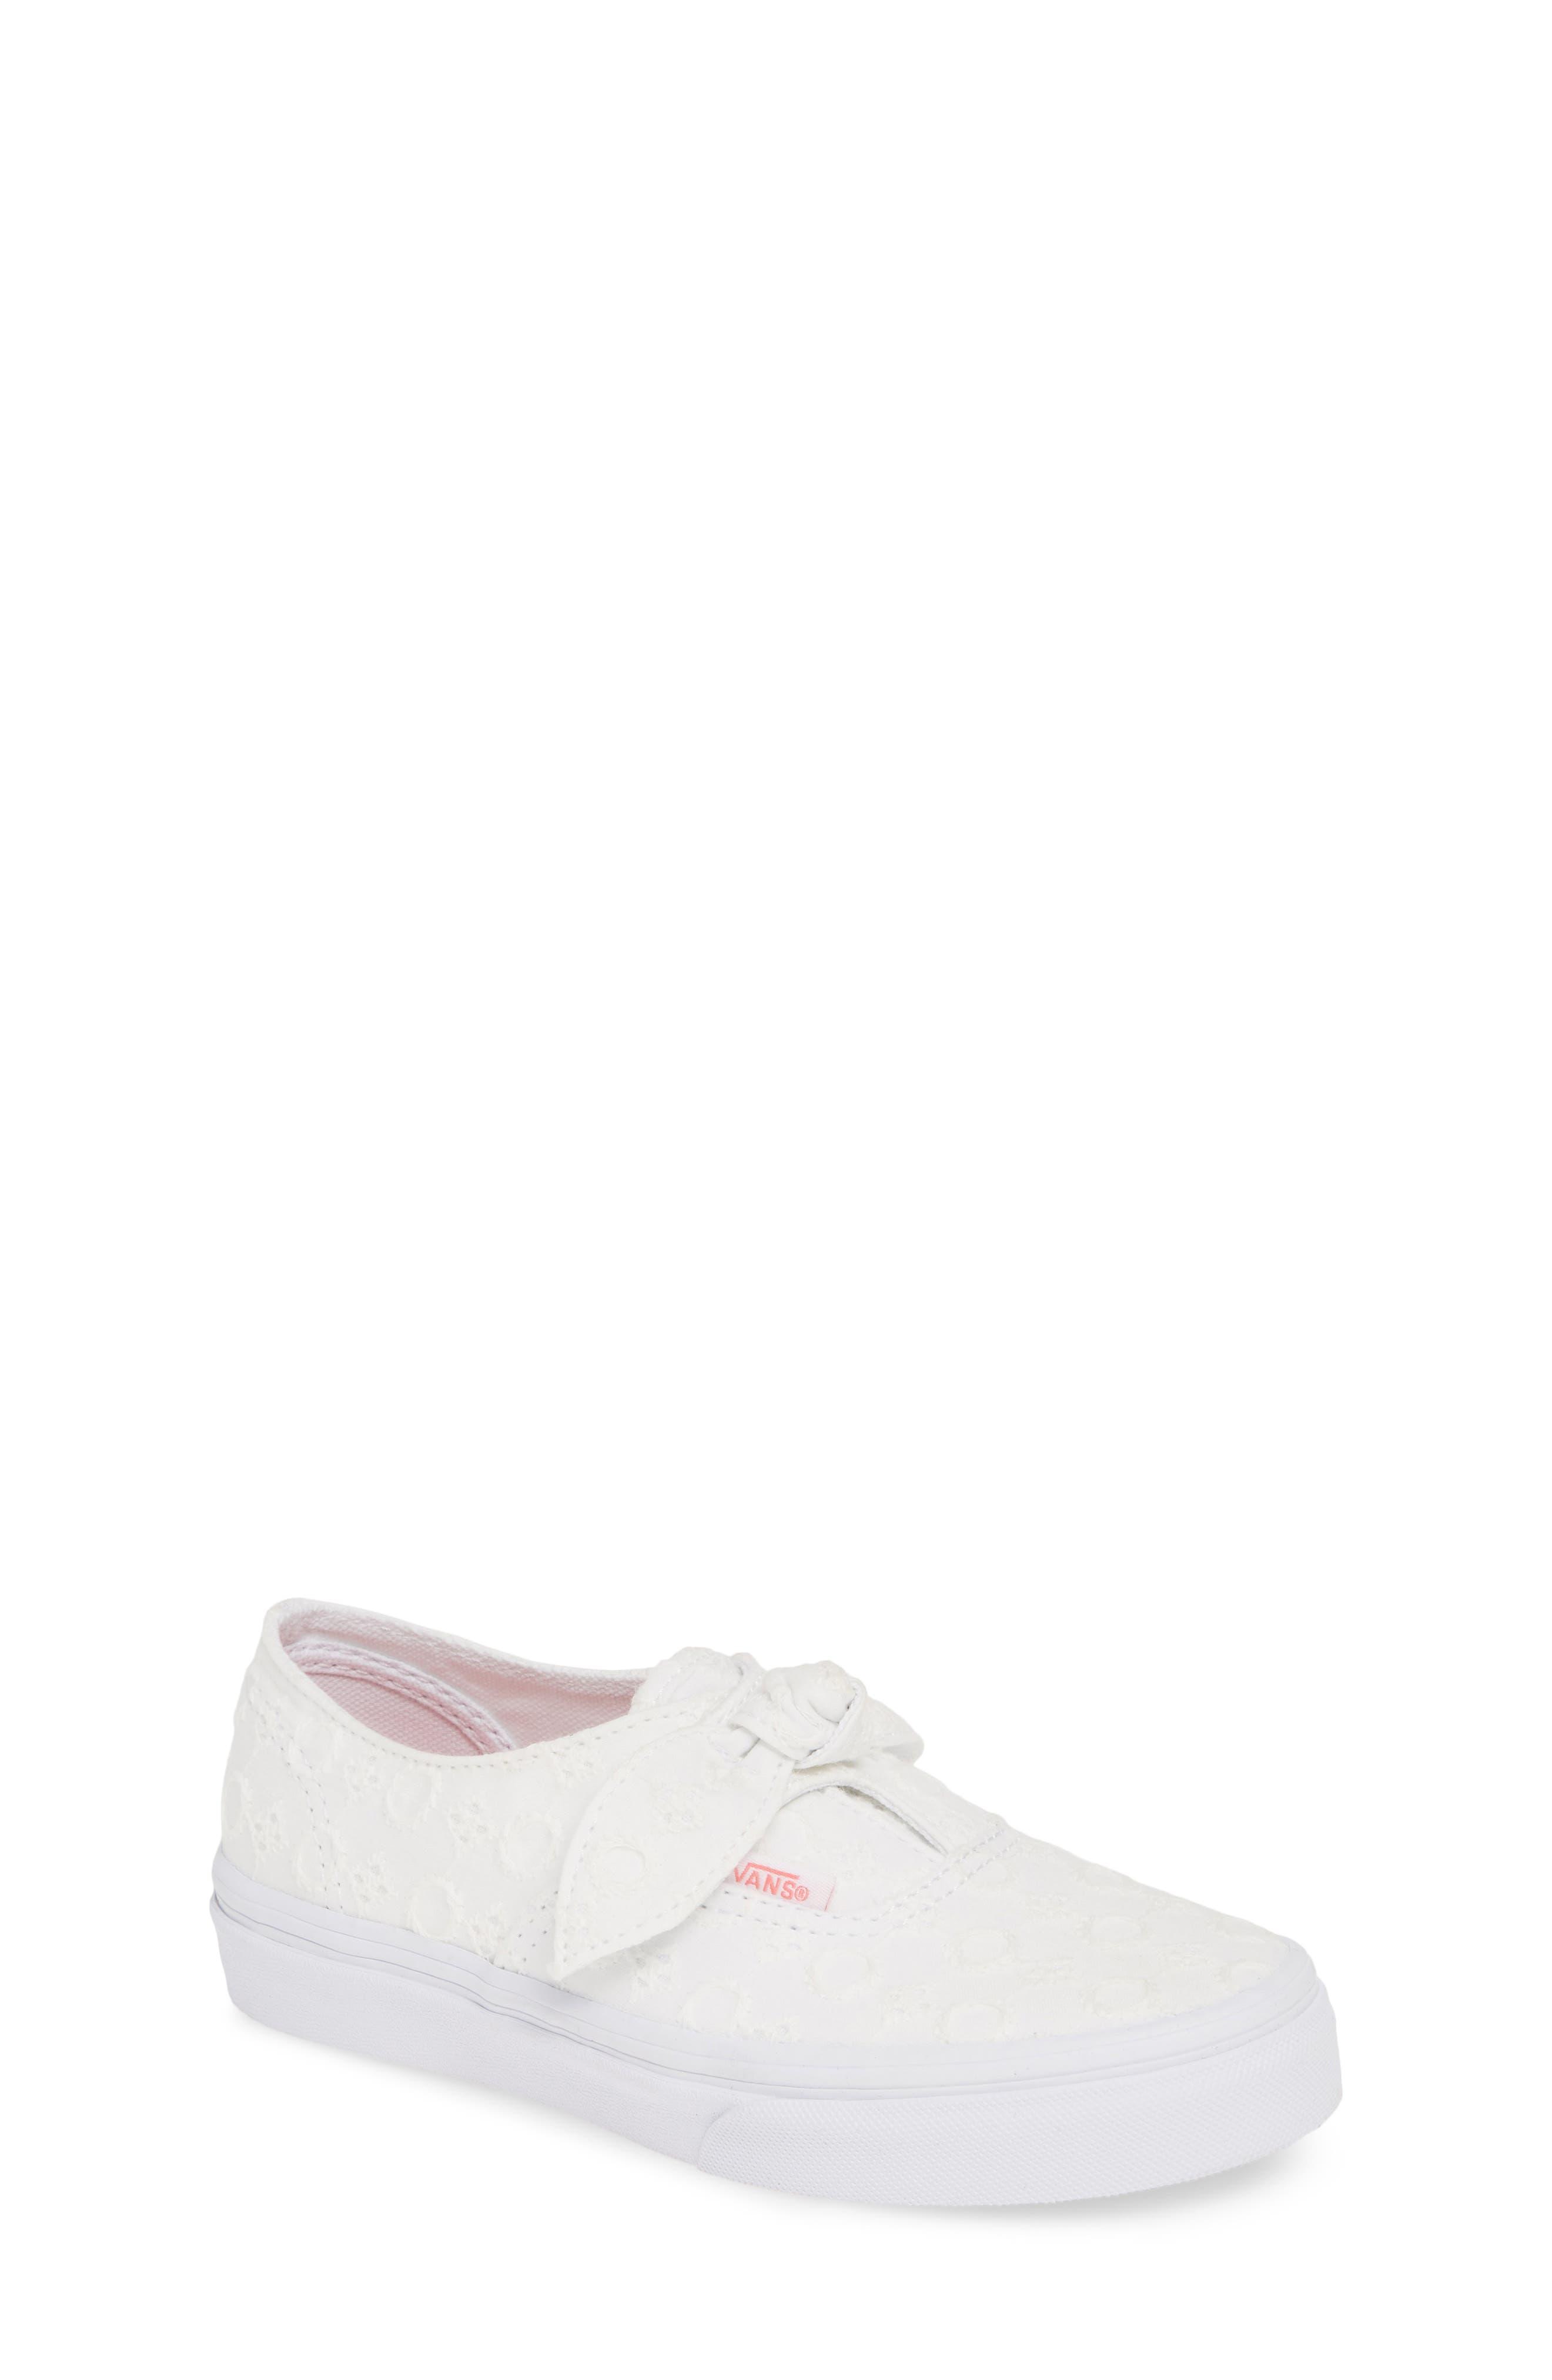 Toddler Girls Vans Authentic Knot SlipOn Sneaker Size 6 M  White